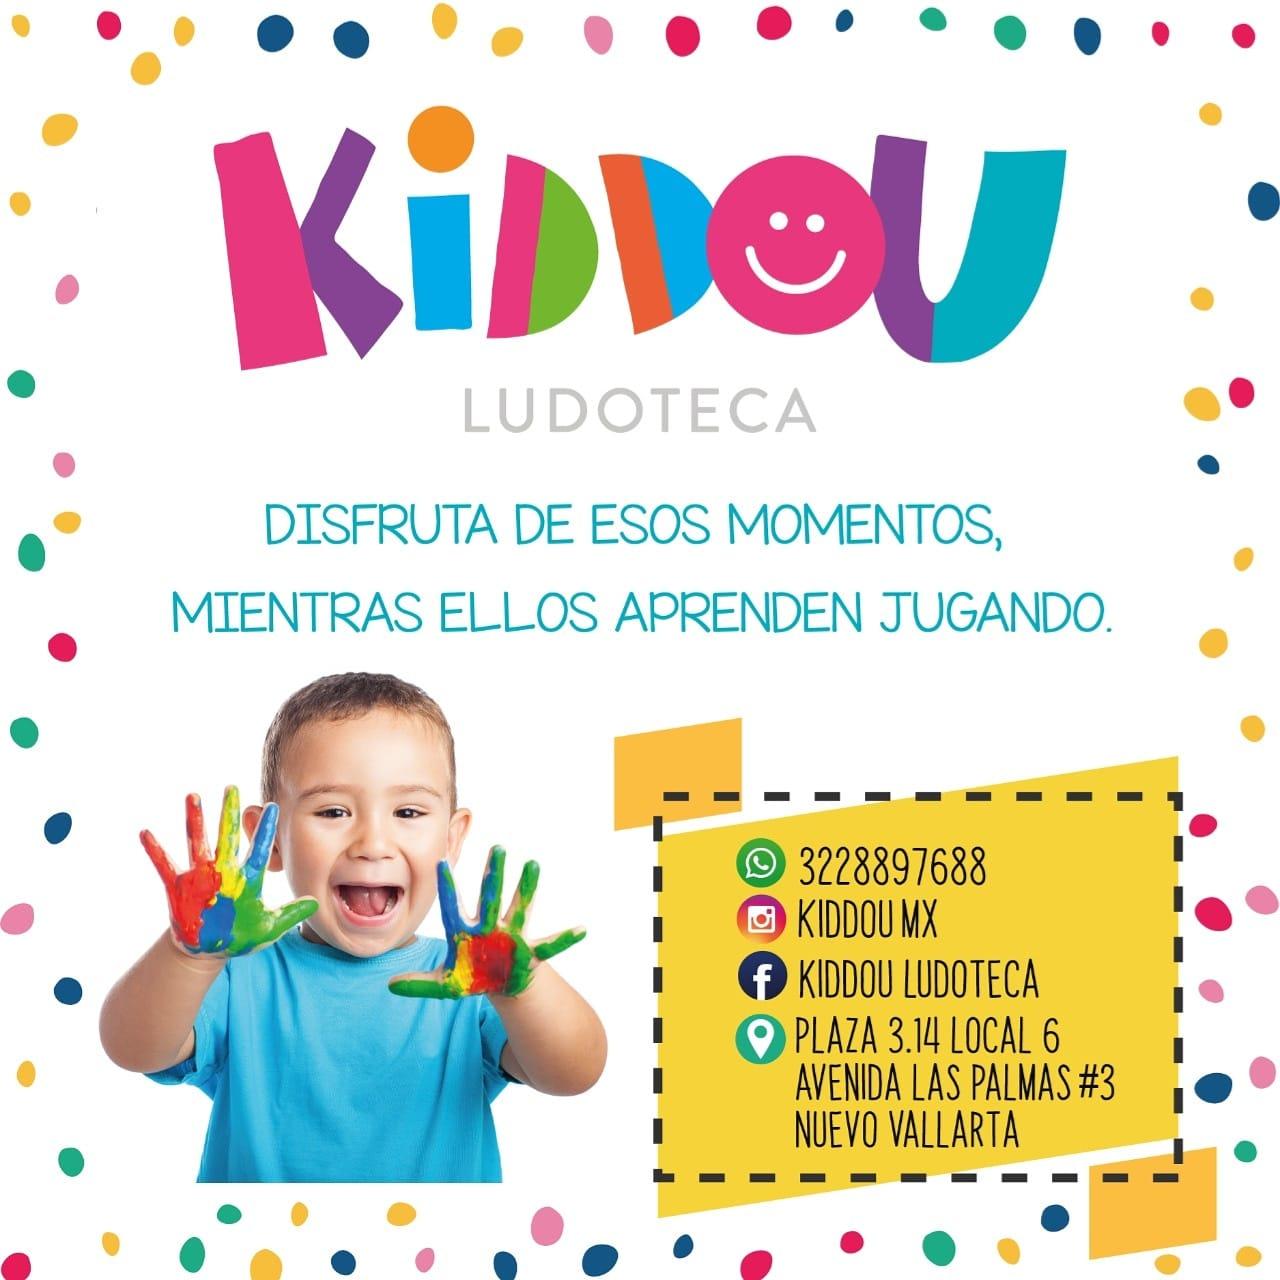 Kiddou Ludoteca, Vallarta Lifestyles, Puerto Vallarta, Nuevo Vallarta